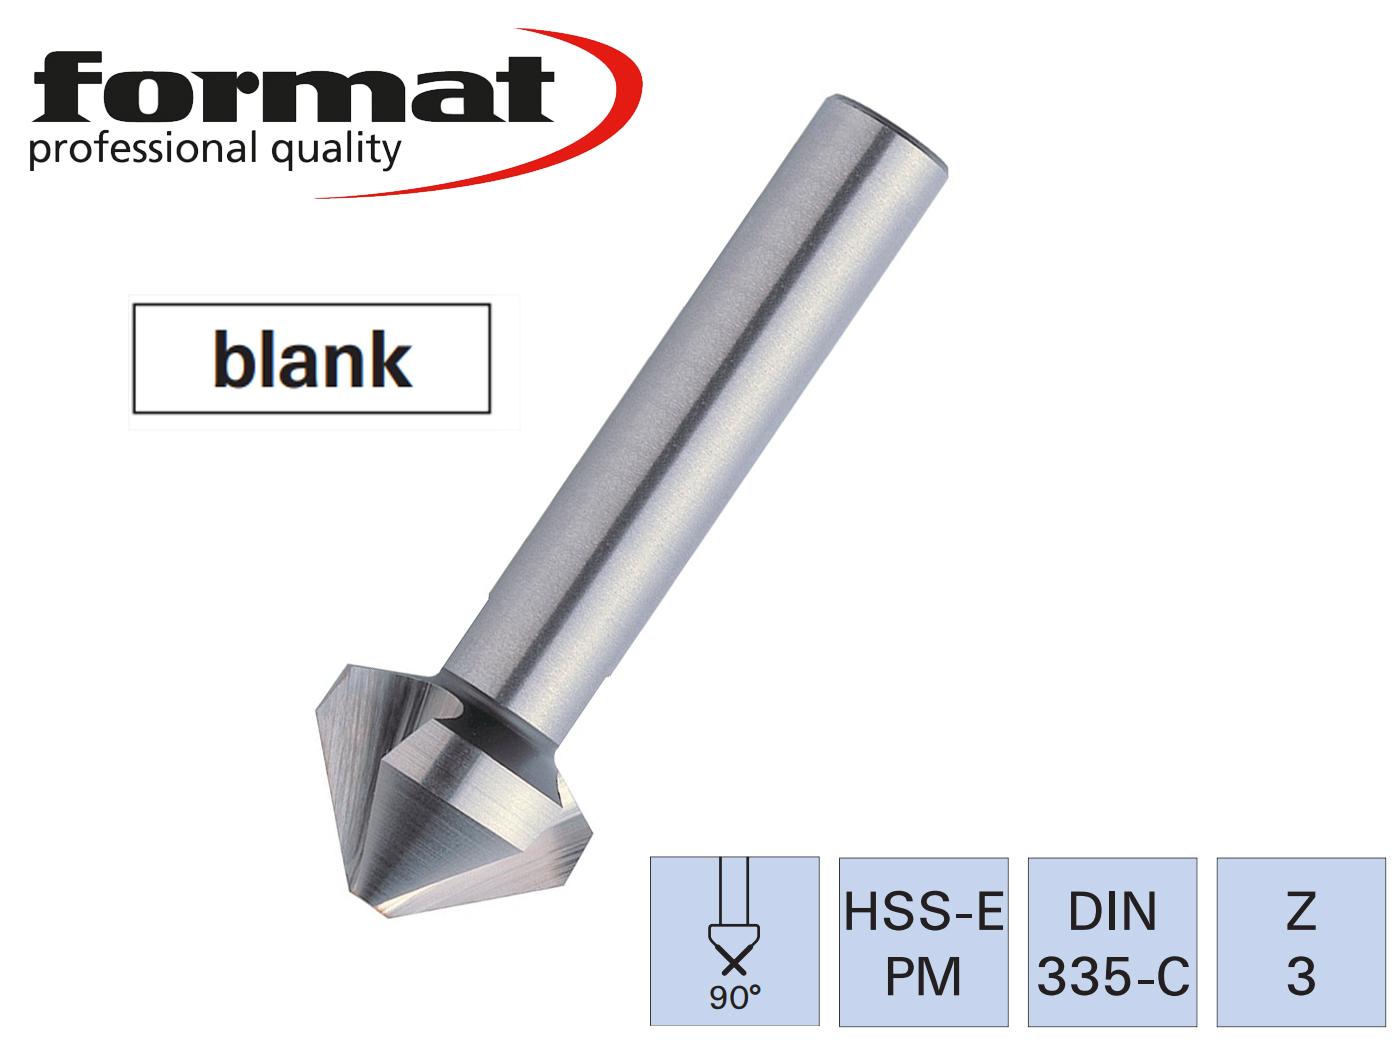 verzinkboor DIN 335C HSSE PM 90G FORMAT | DKMTools - DKM Tools